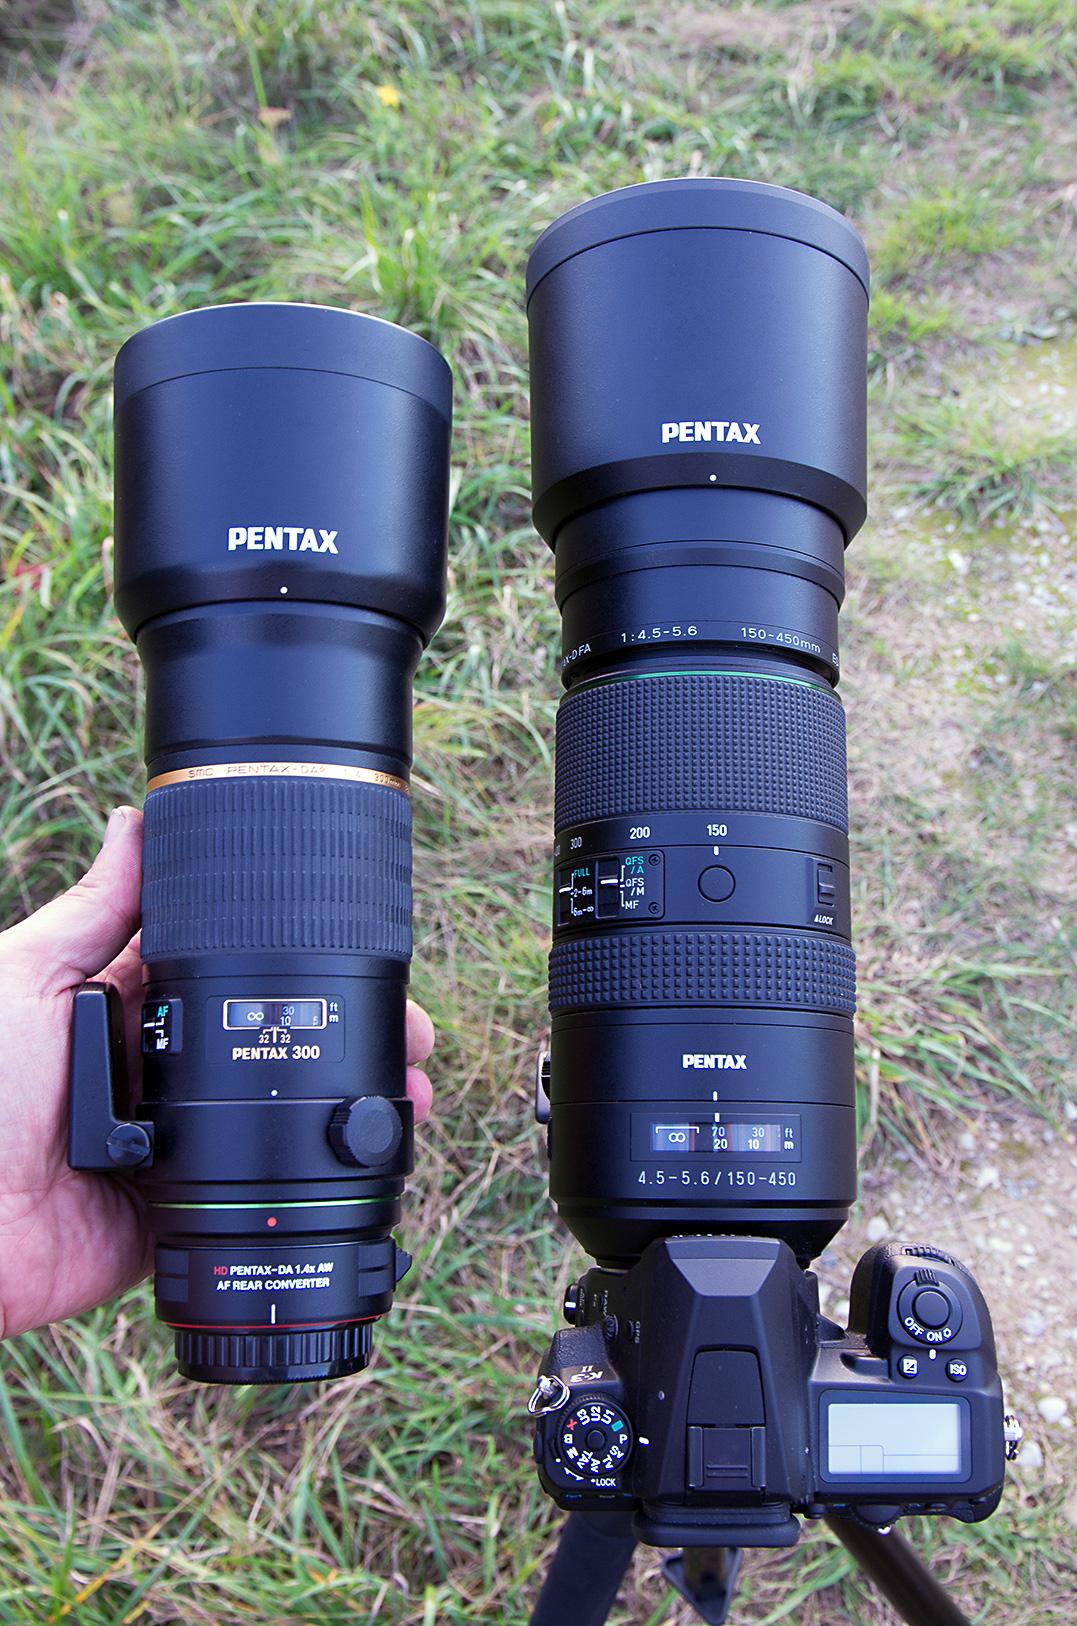 pentax-150-450mm-objektiiv-digitest-18